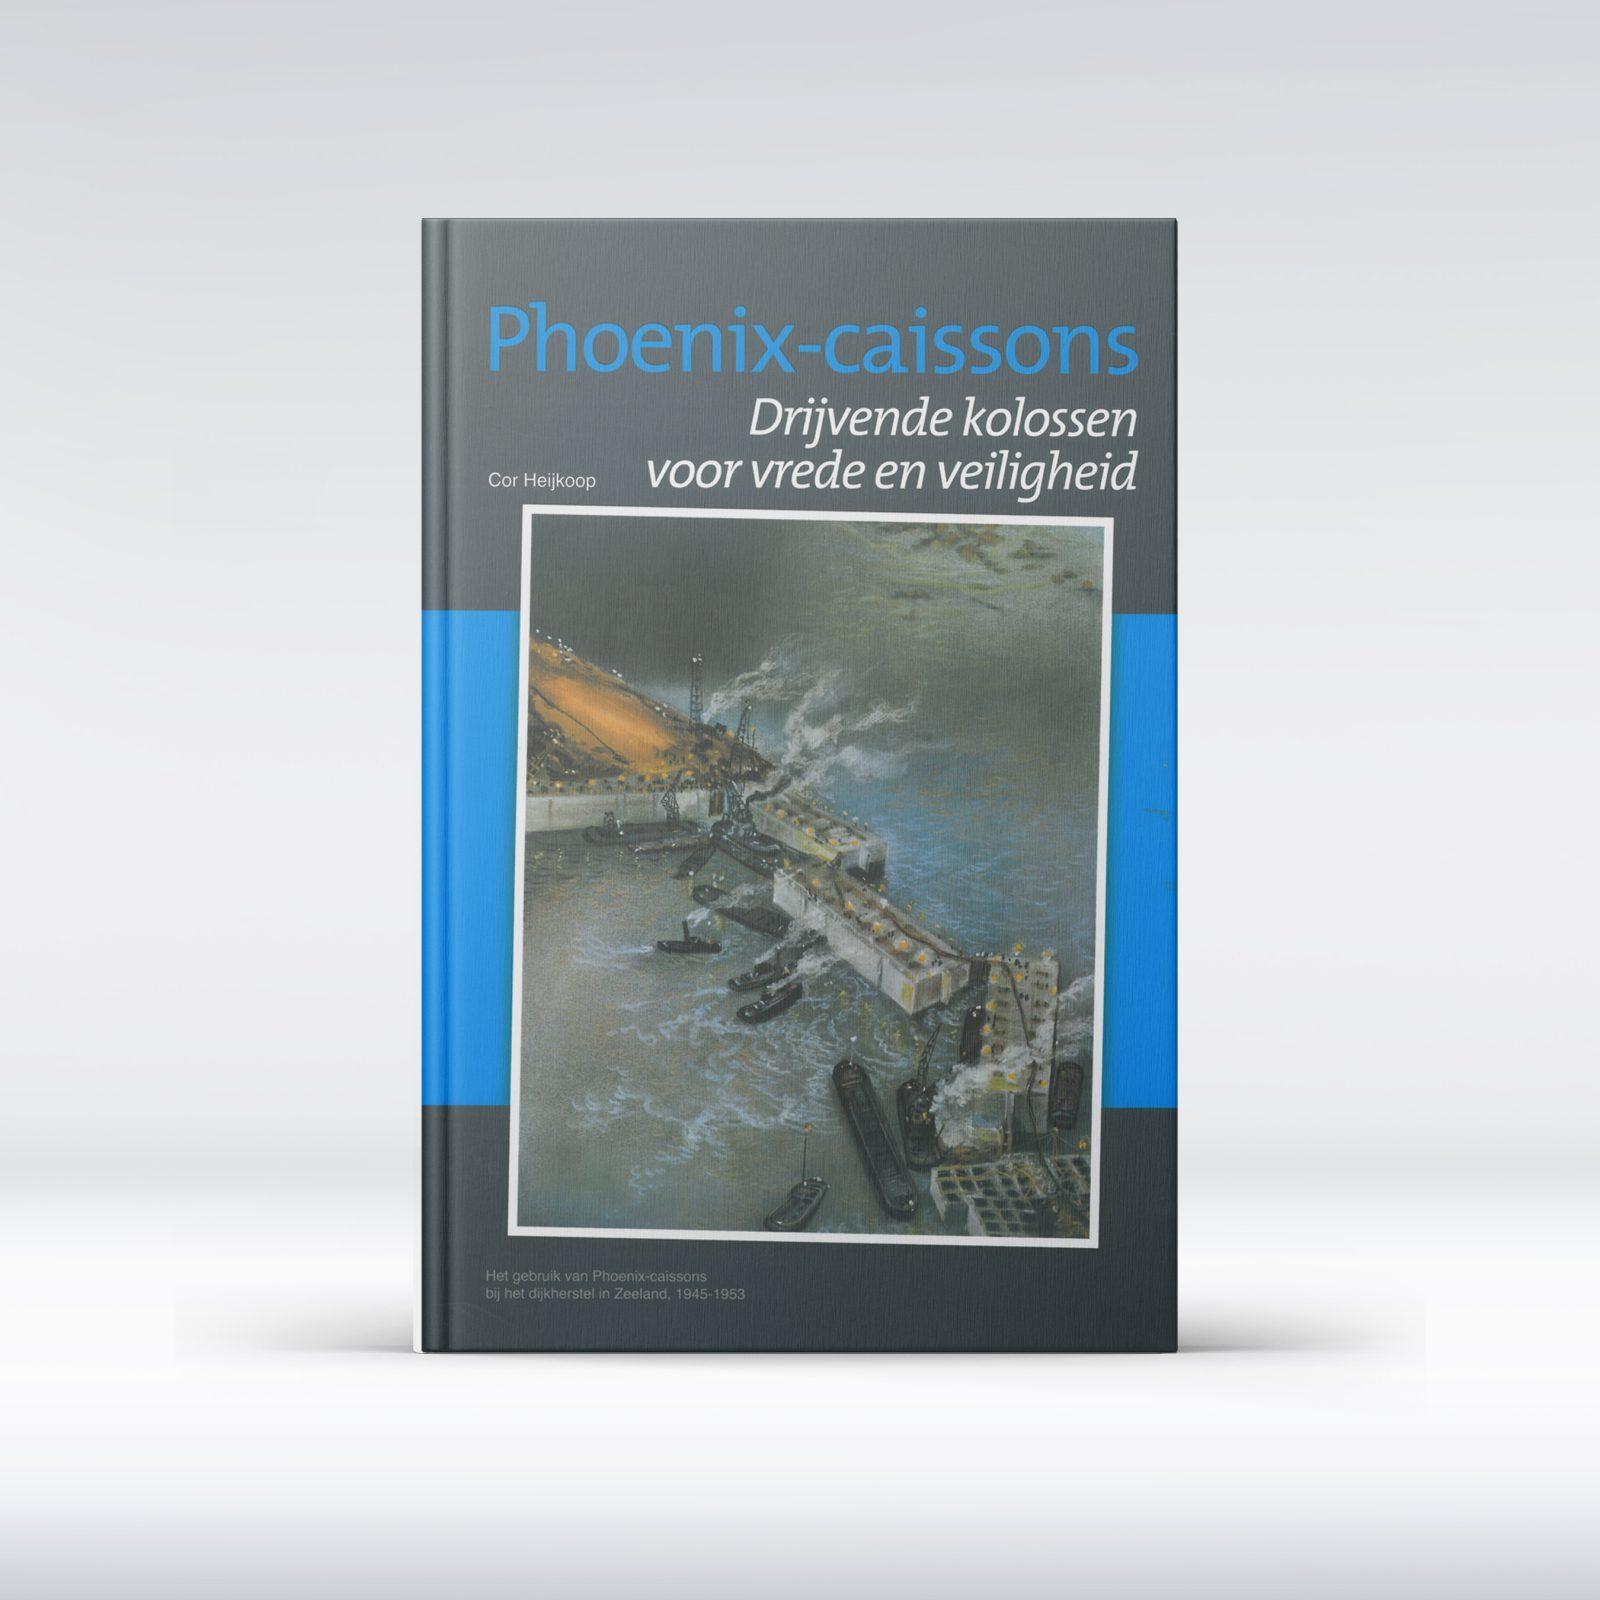 Phoenix Caissons Cor Heijkoop